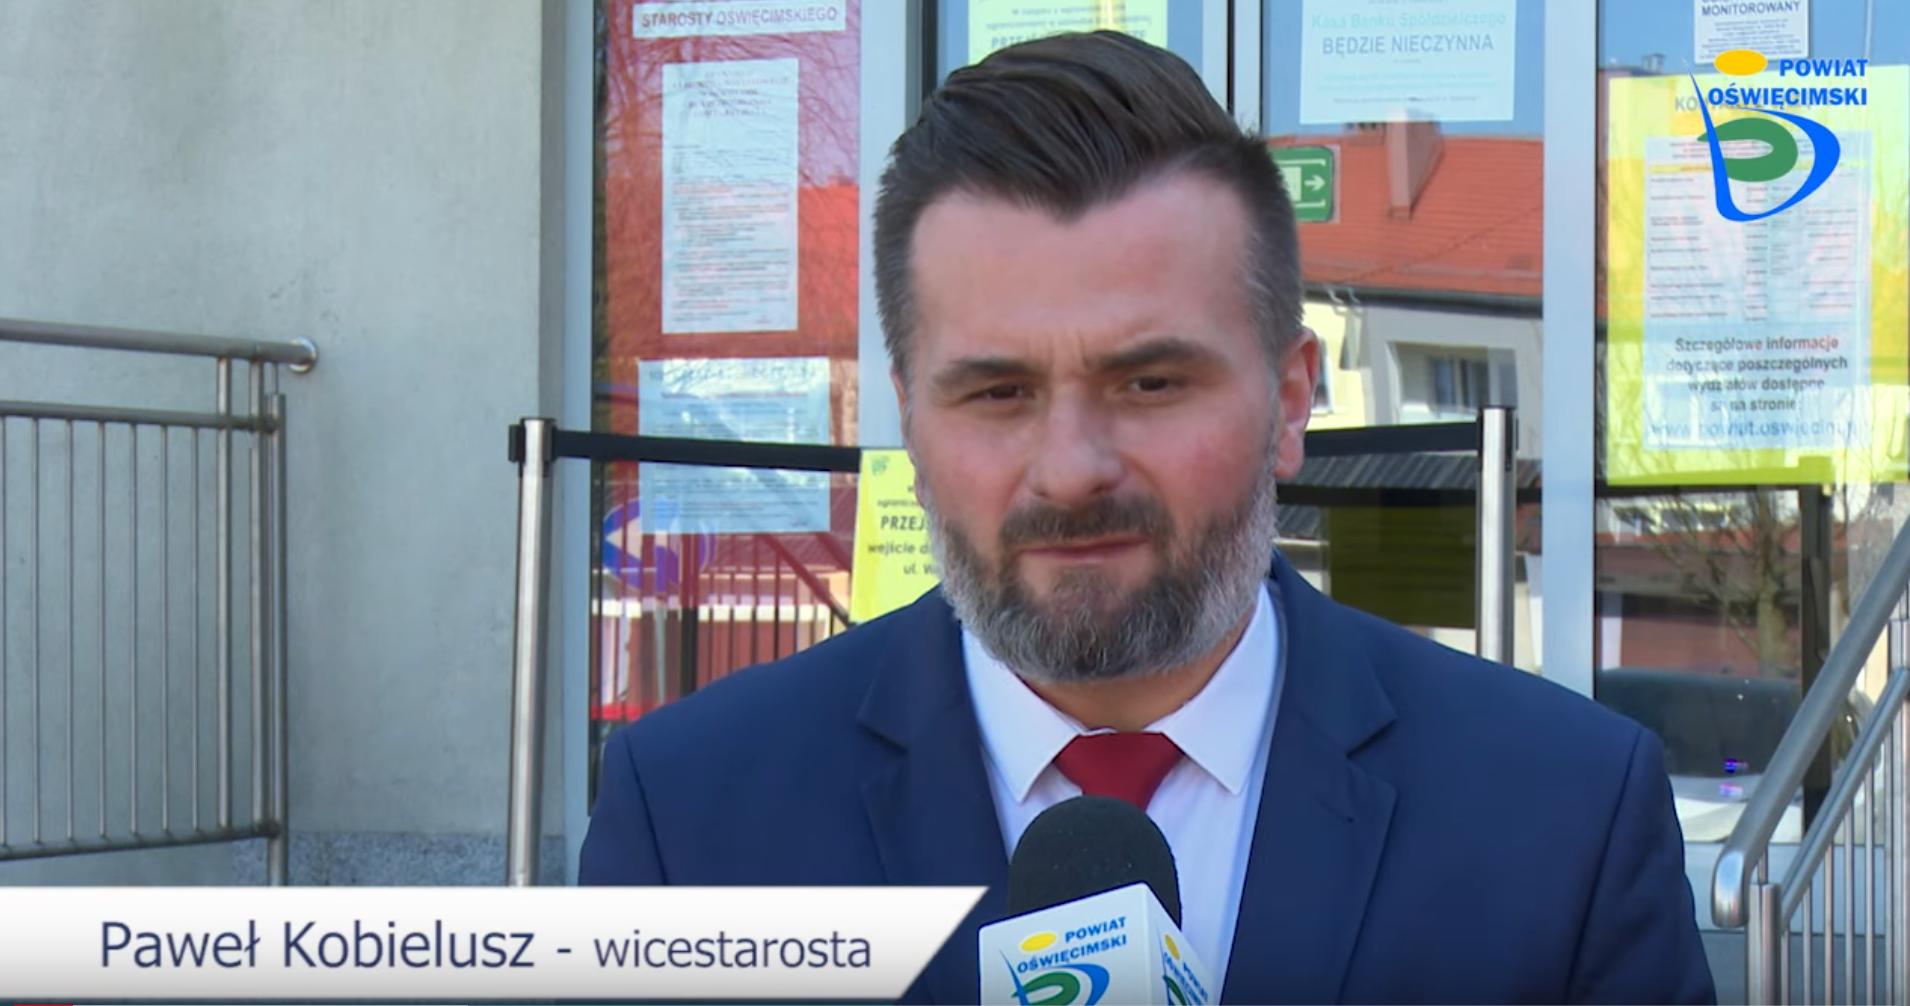 Paweł Kobielusz wicestarosta Powiat Oświęcim -pl